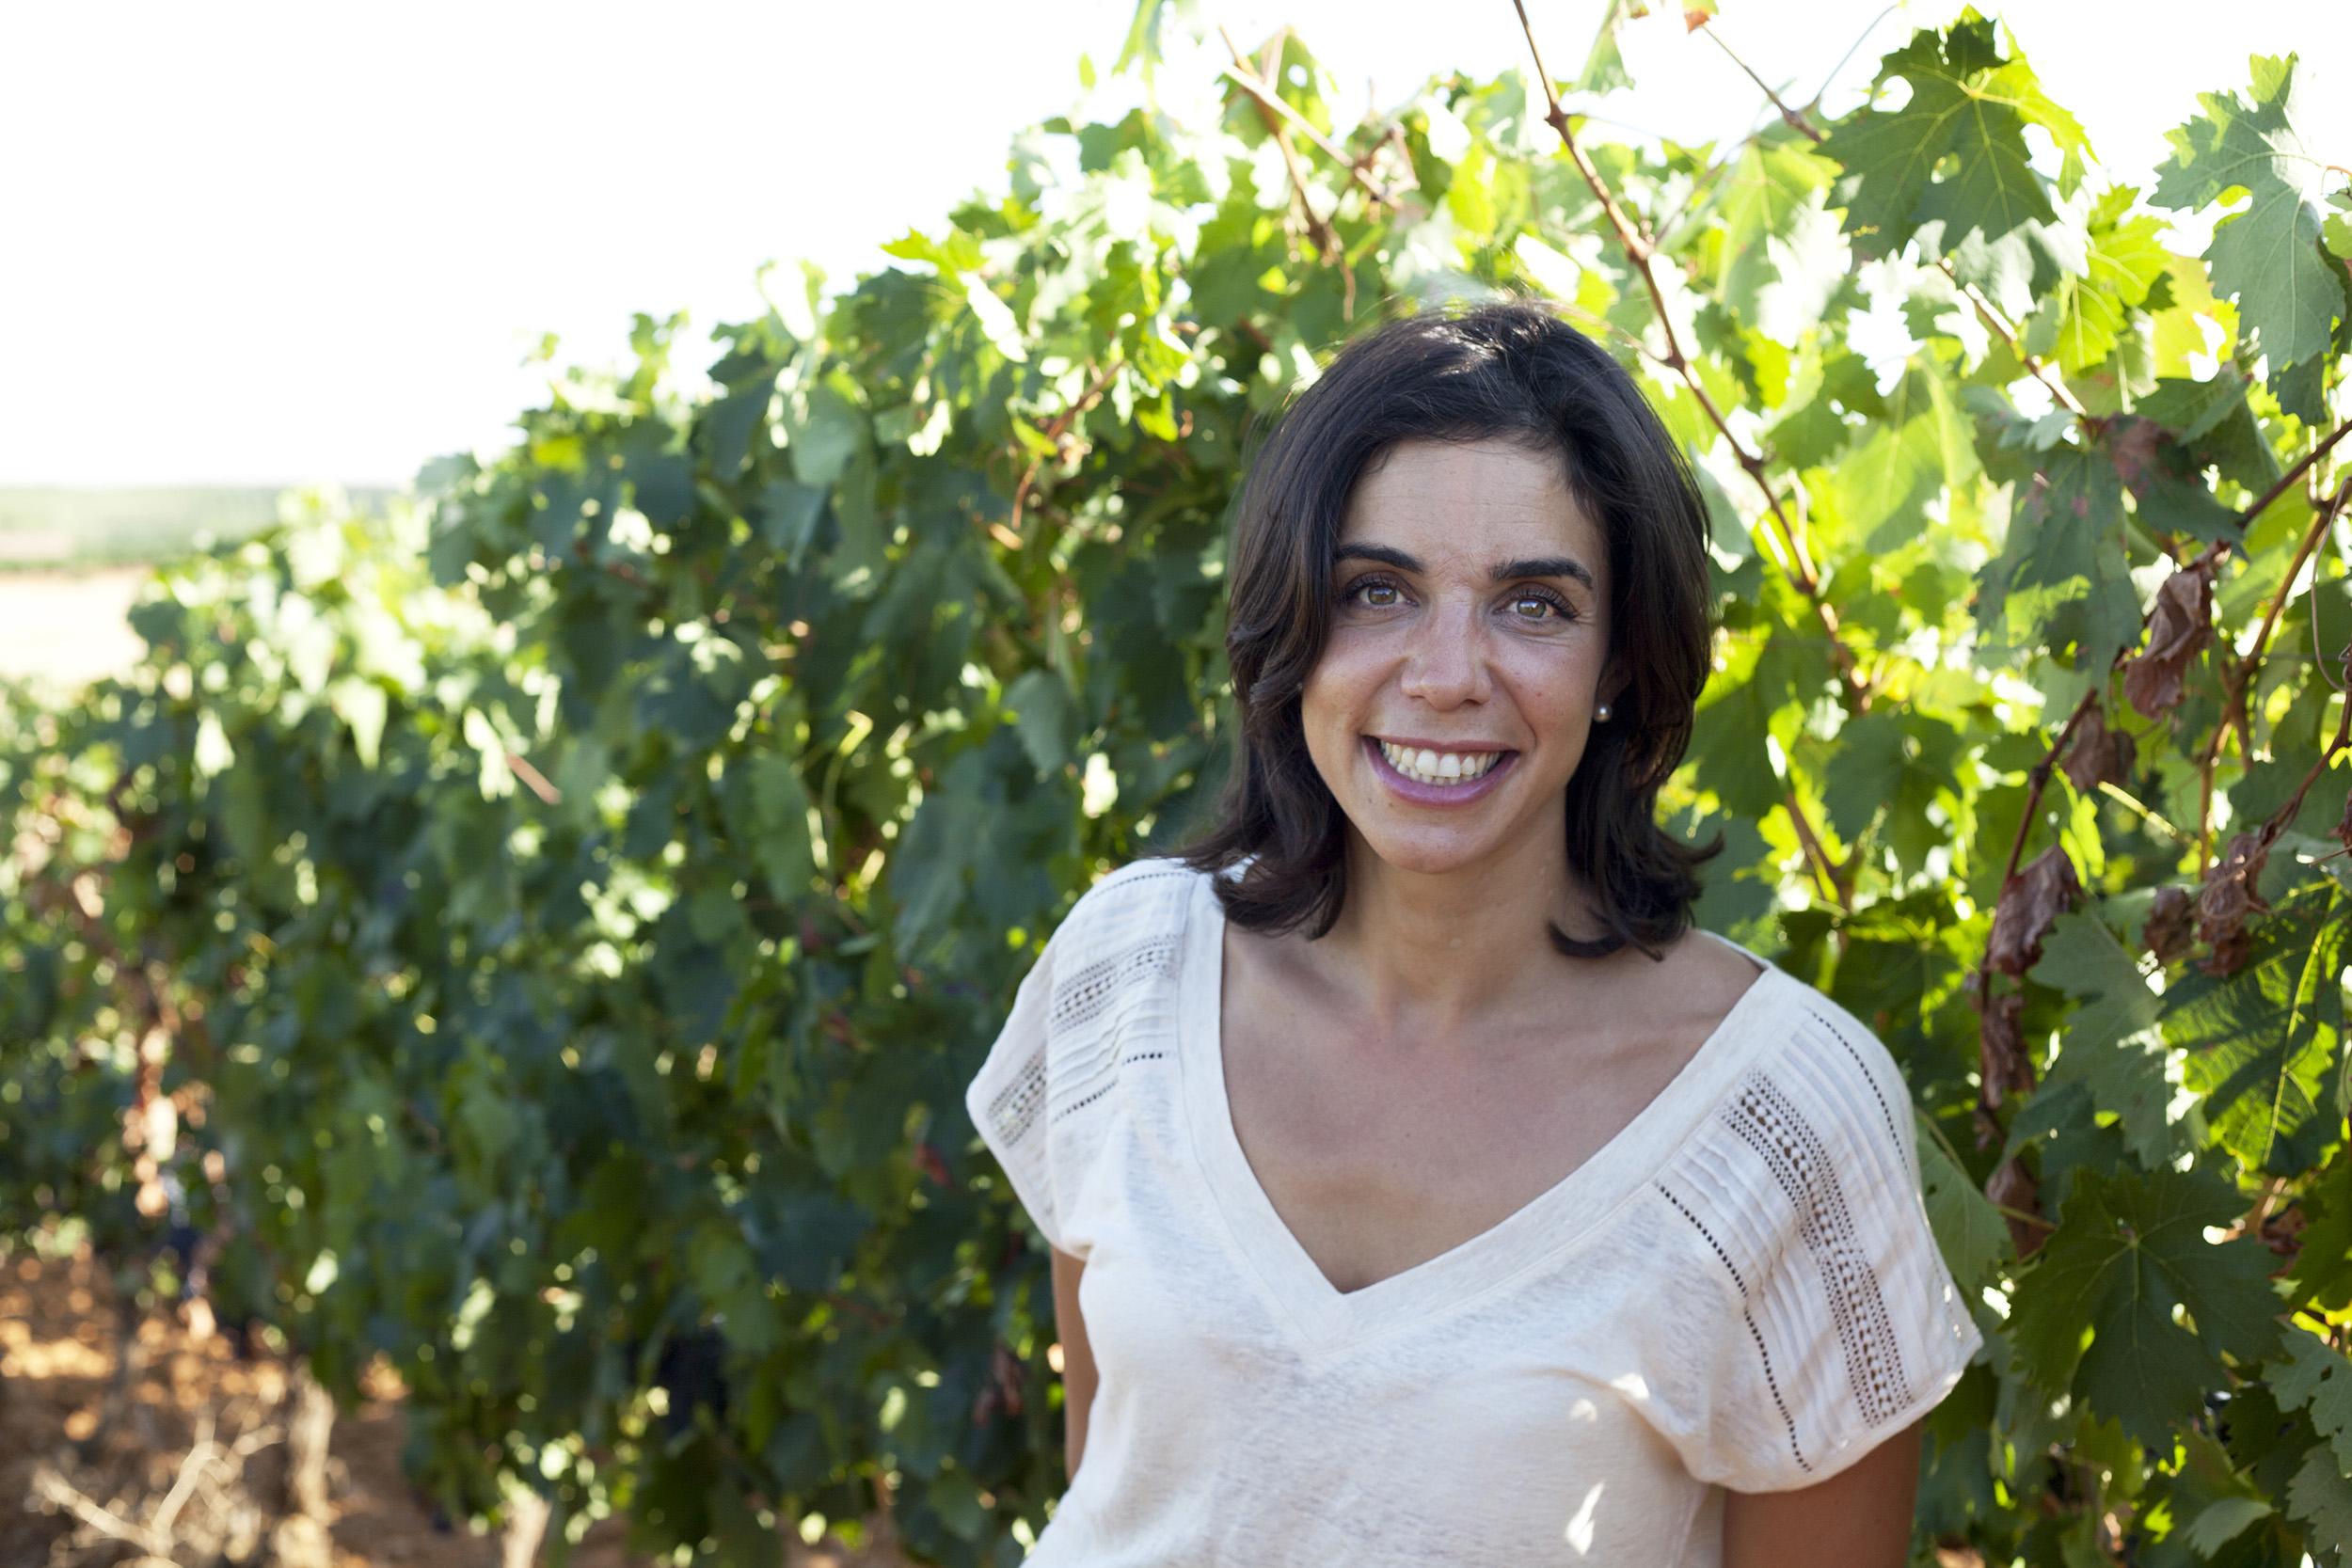 blog de vino de ruth de andres